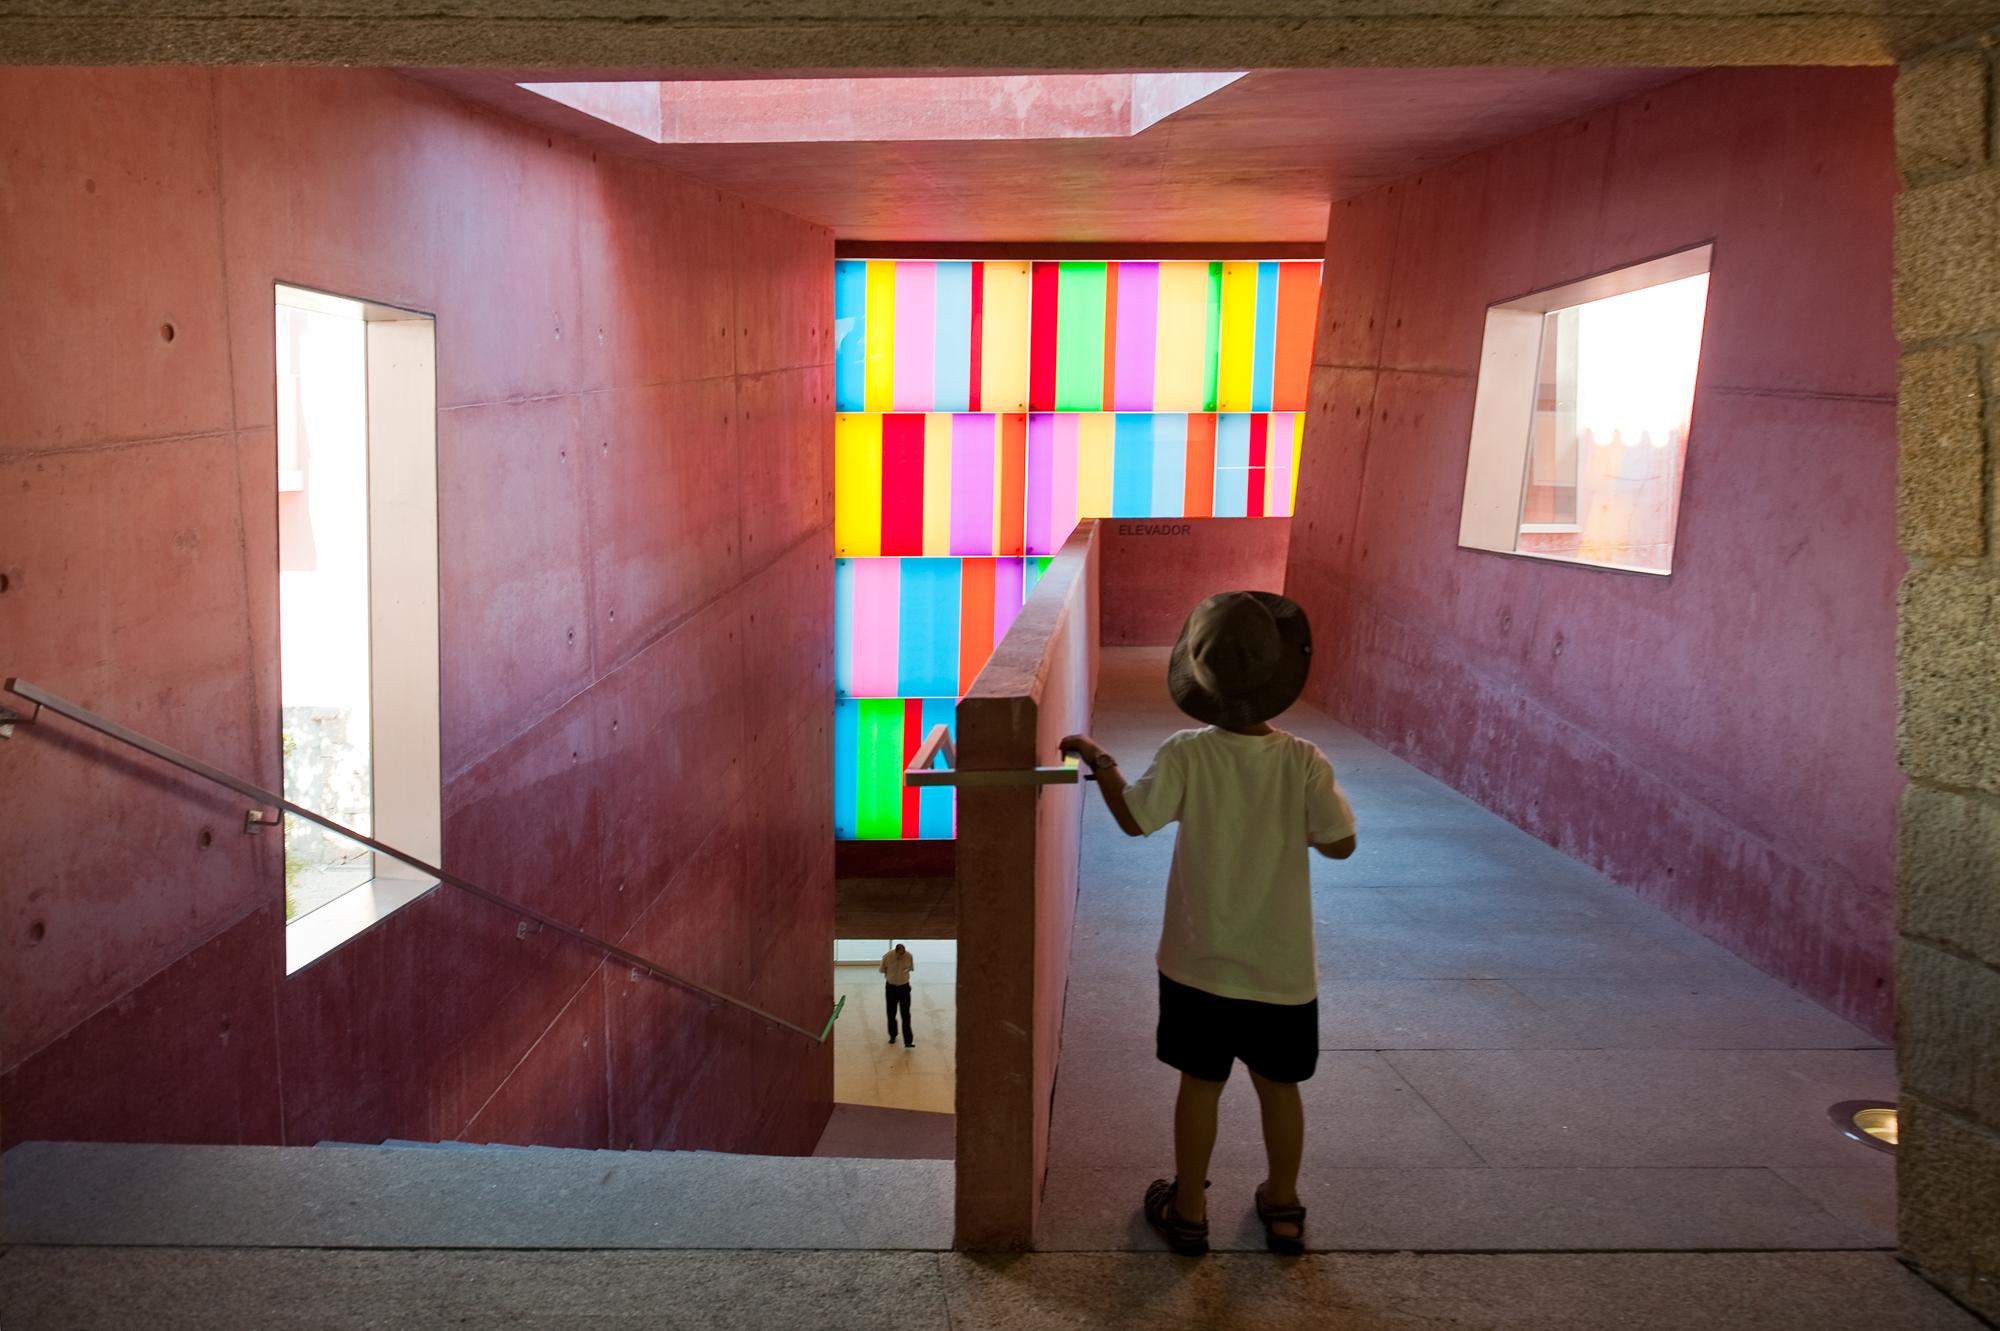 Solar S. Roque Gallery / Manuel Maia Gomes, © FG+SG – Fernando Guerra